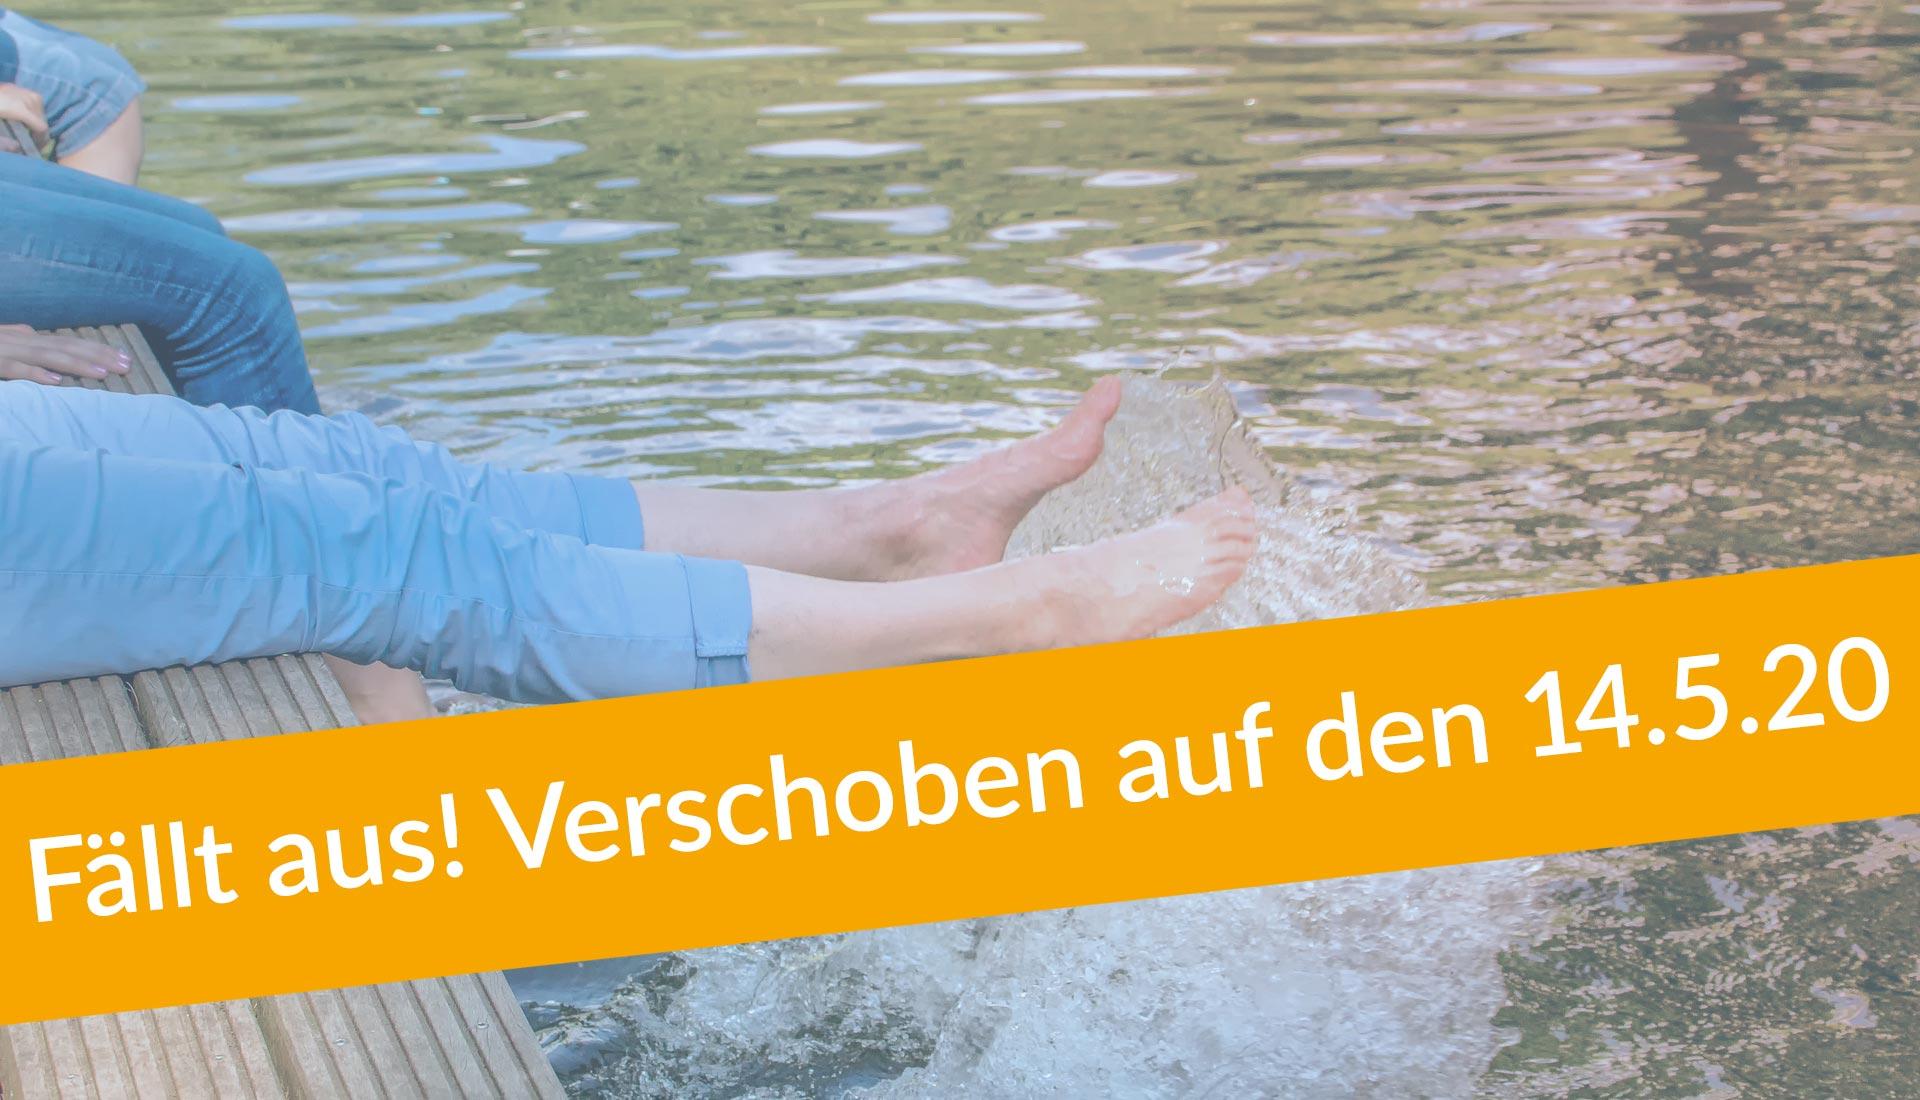 MBSR Frühjahrskurs mit Julia Seegebarth entfällt!